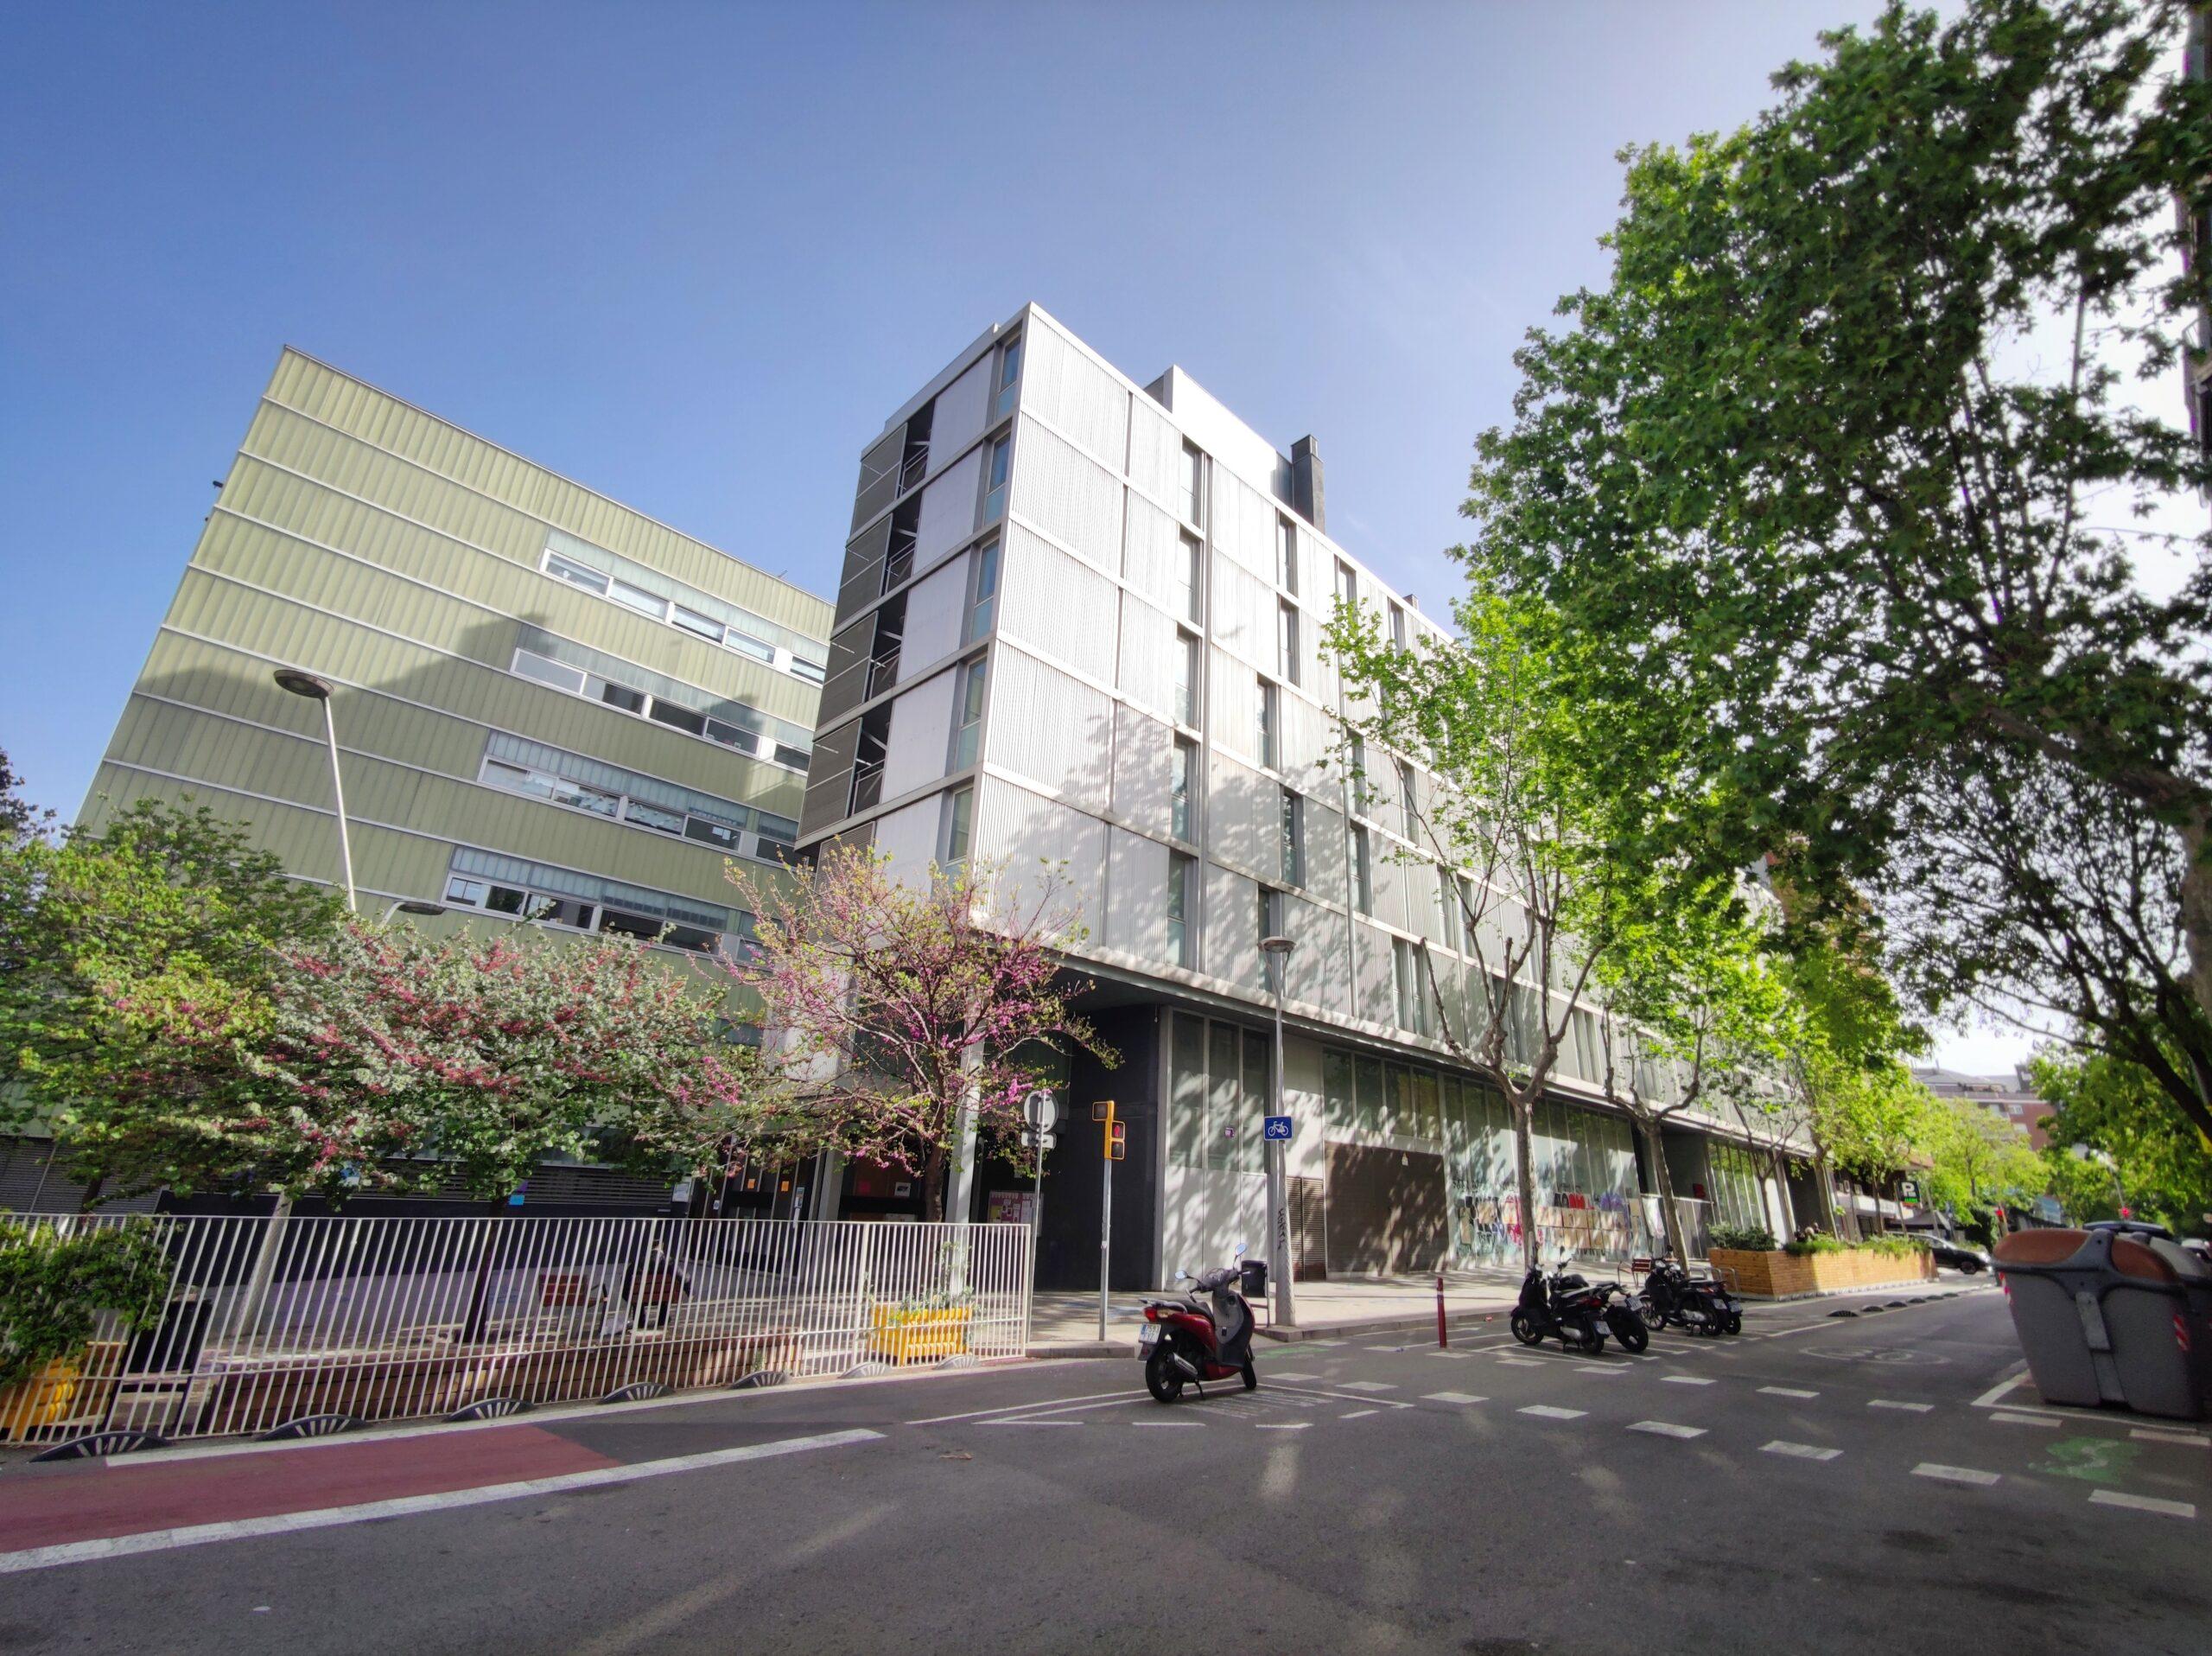 L'edifici Londres vist des de la cruïlla amb el carrer Villarroel / D.C.